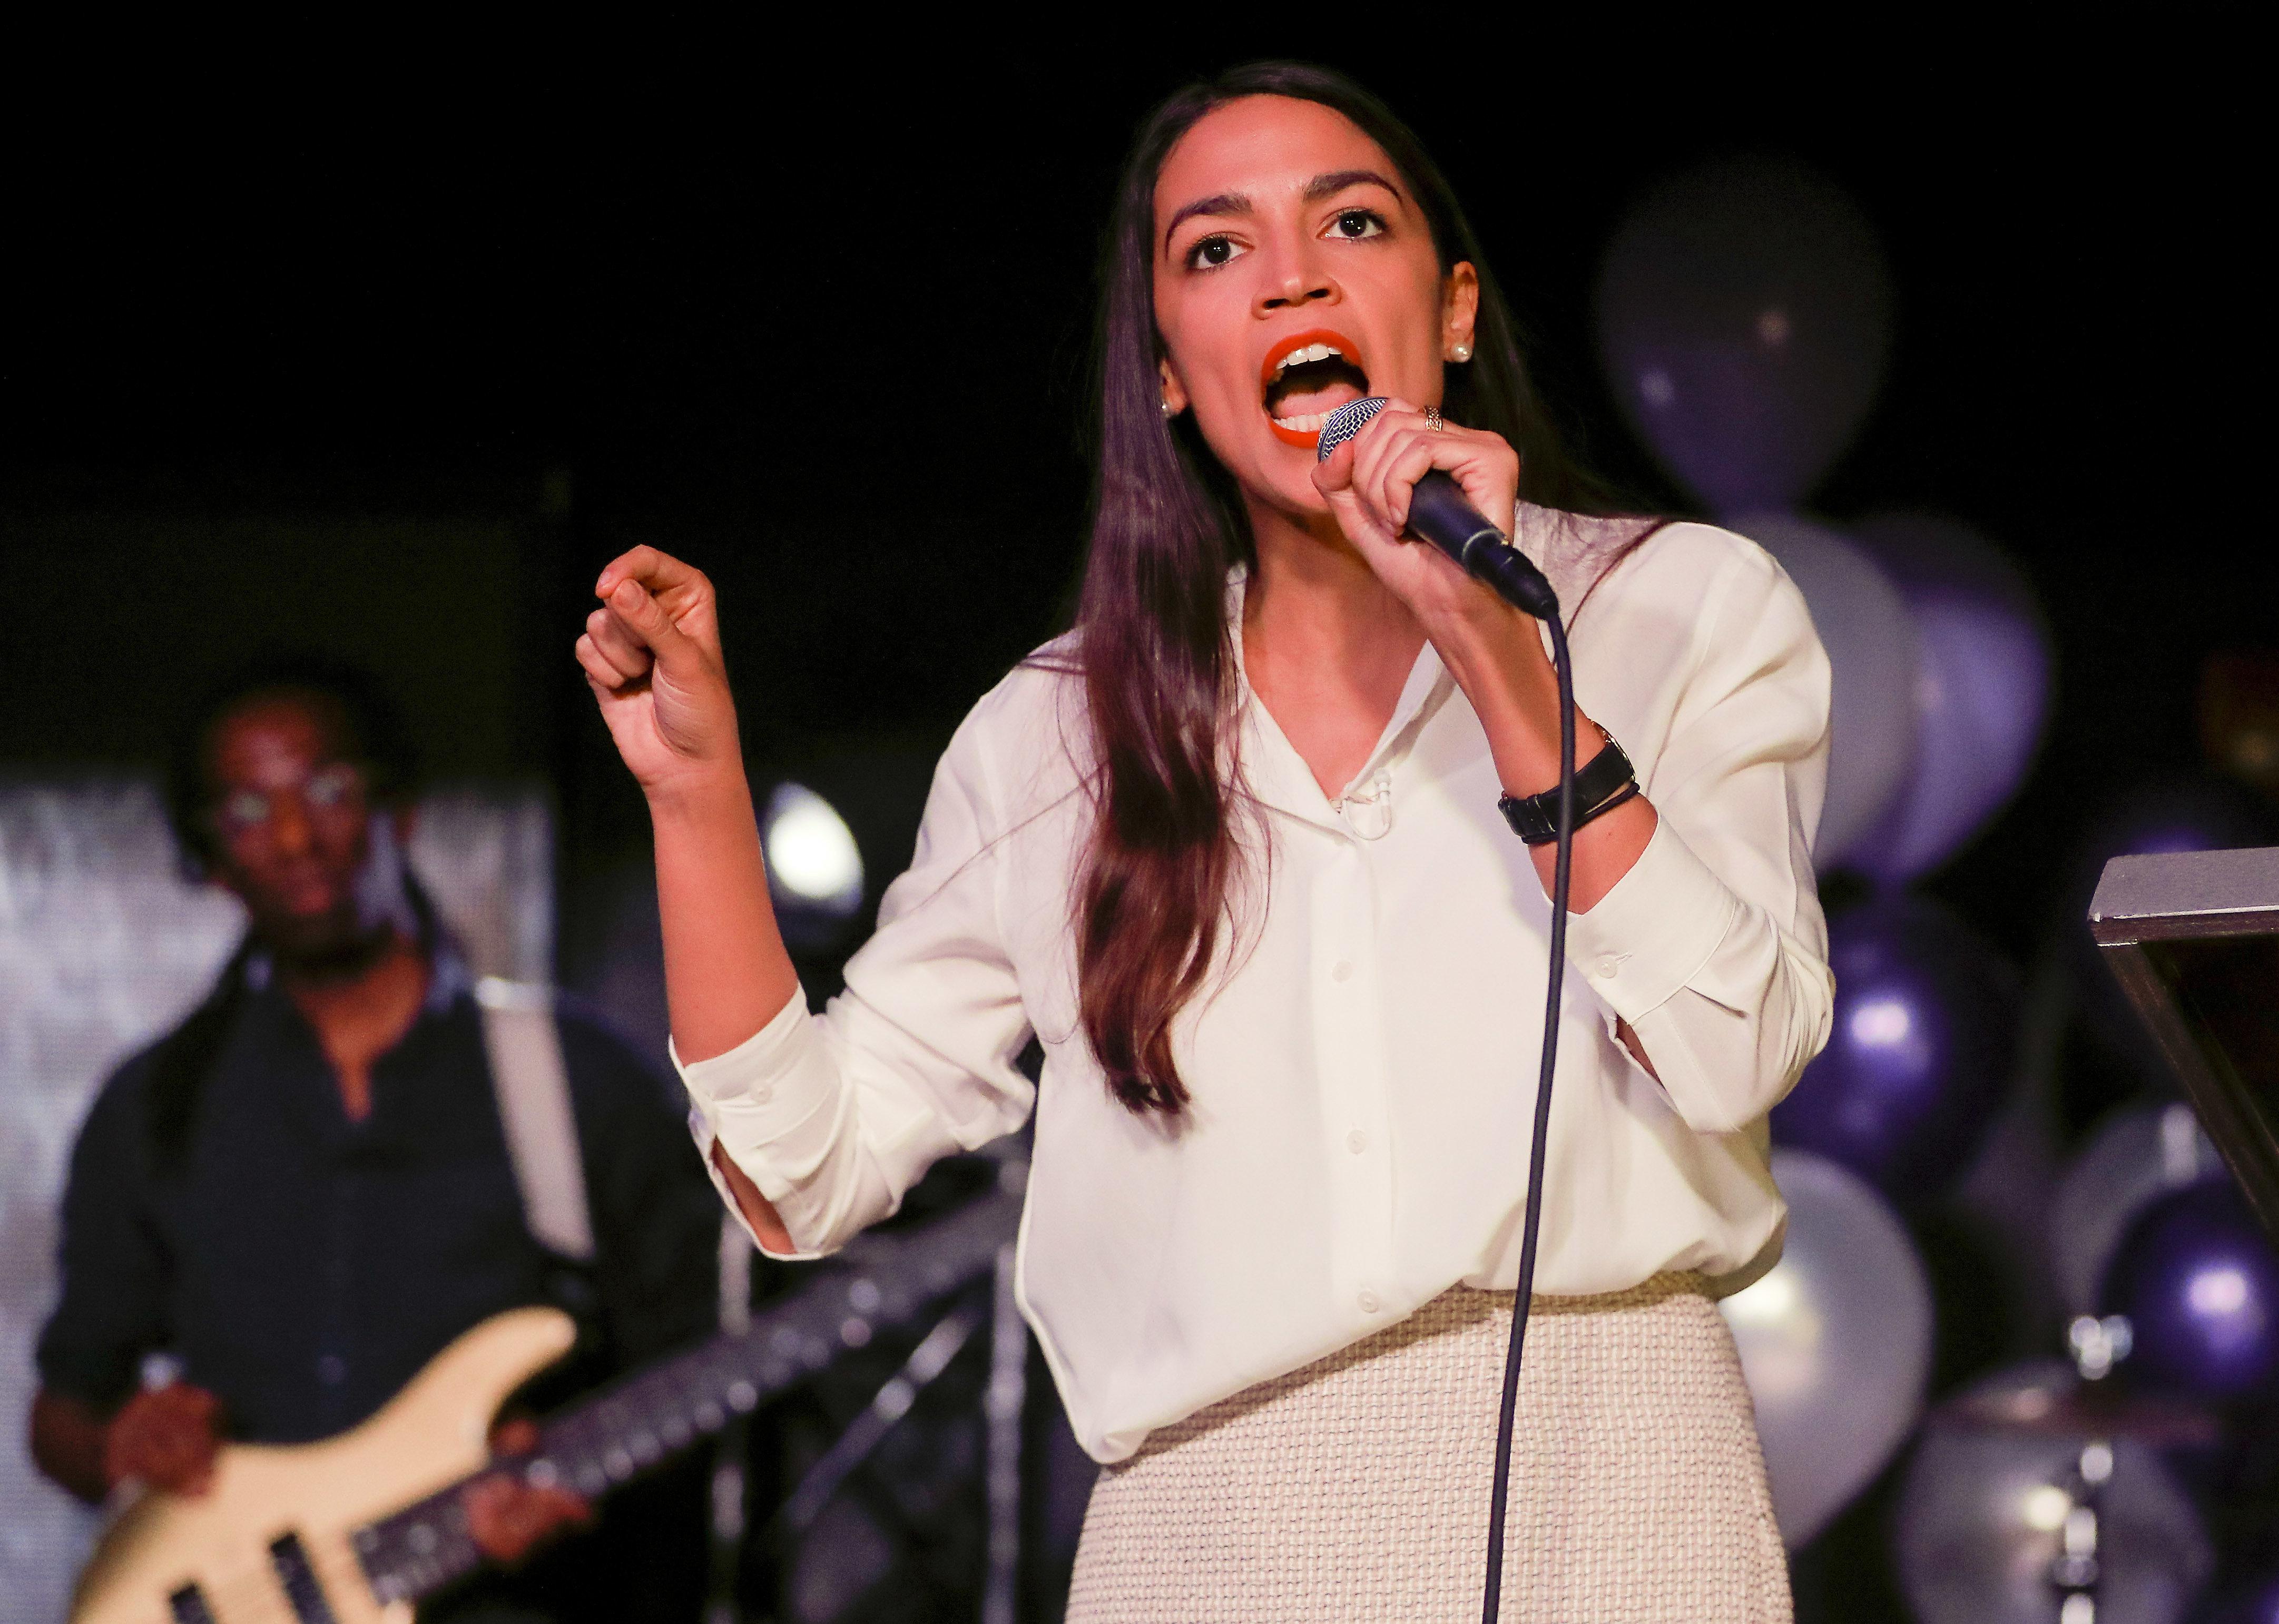 La representante electa Alexandria Ocasio-Cortez le habla a sus partidarios el martes 6 de noviembre de 2018 en su distrito de Queens, Nueva York. (AP Foto/Stephen Groves)